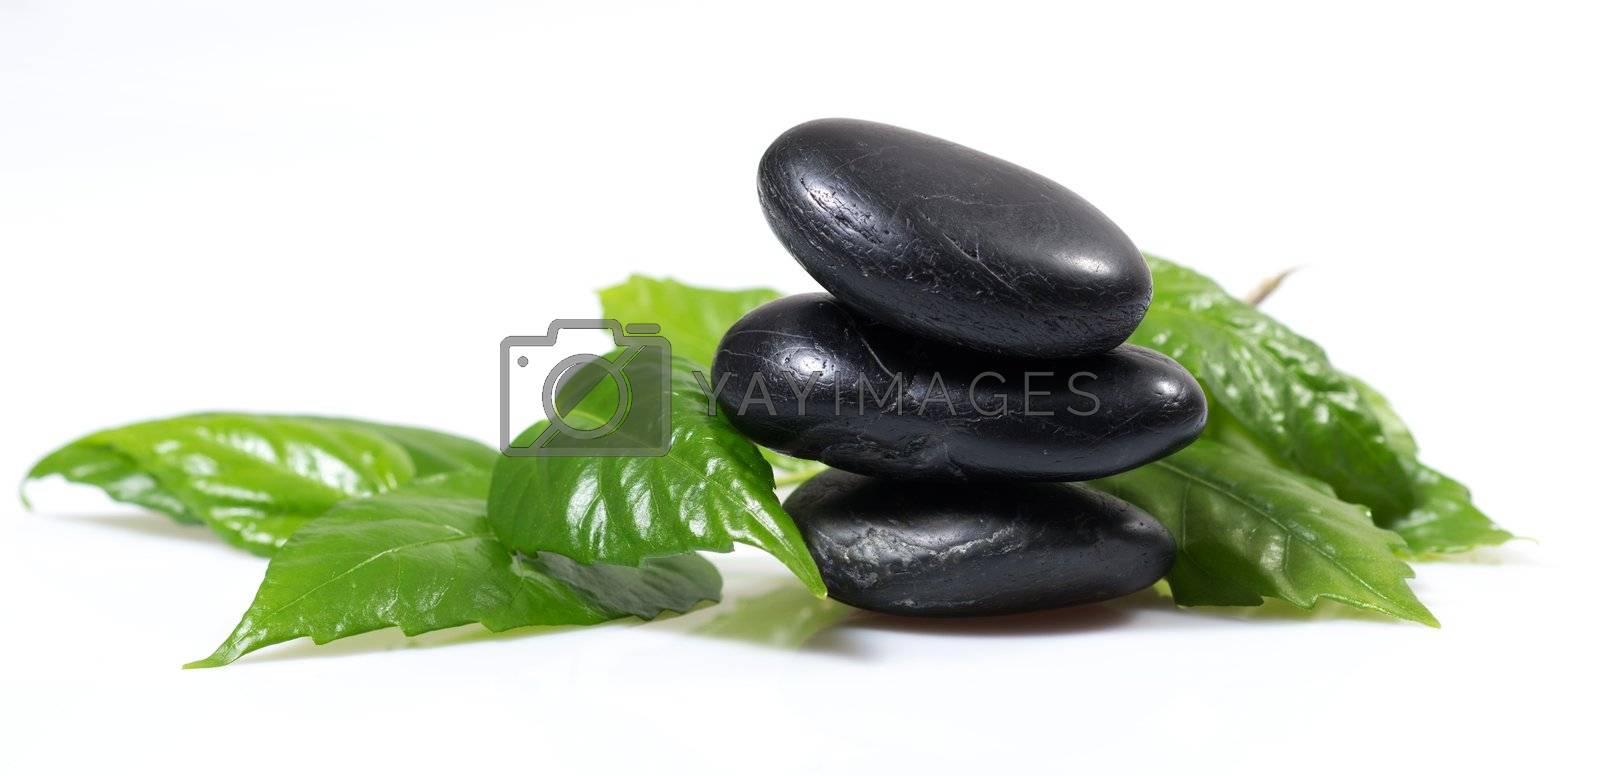 zen basalt stones and green leaves, still life